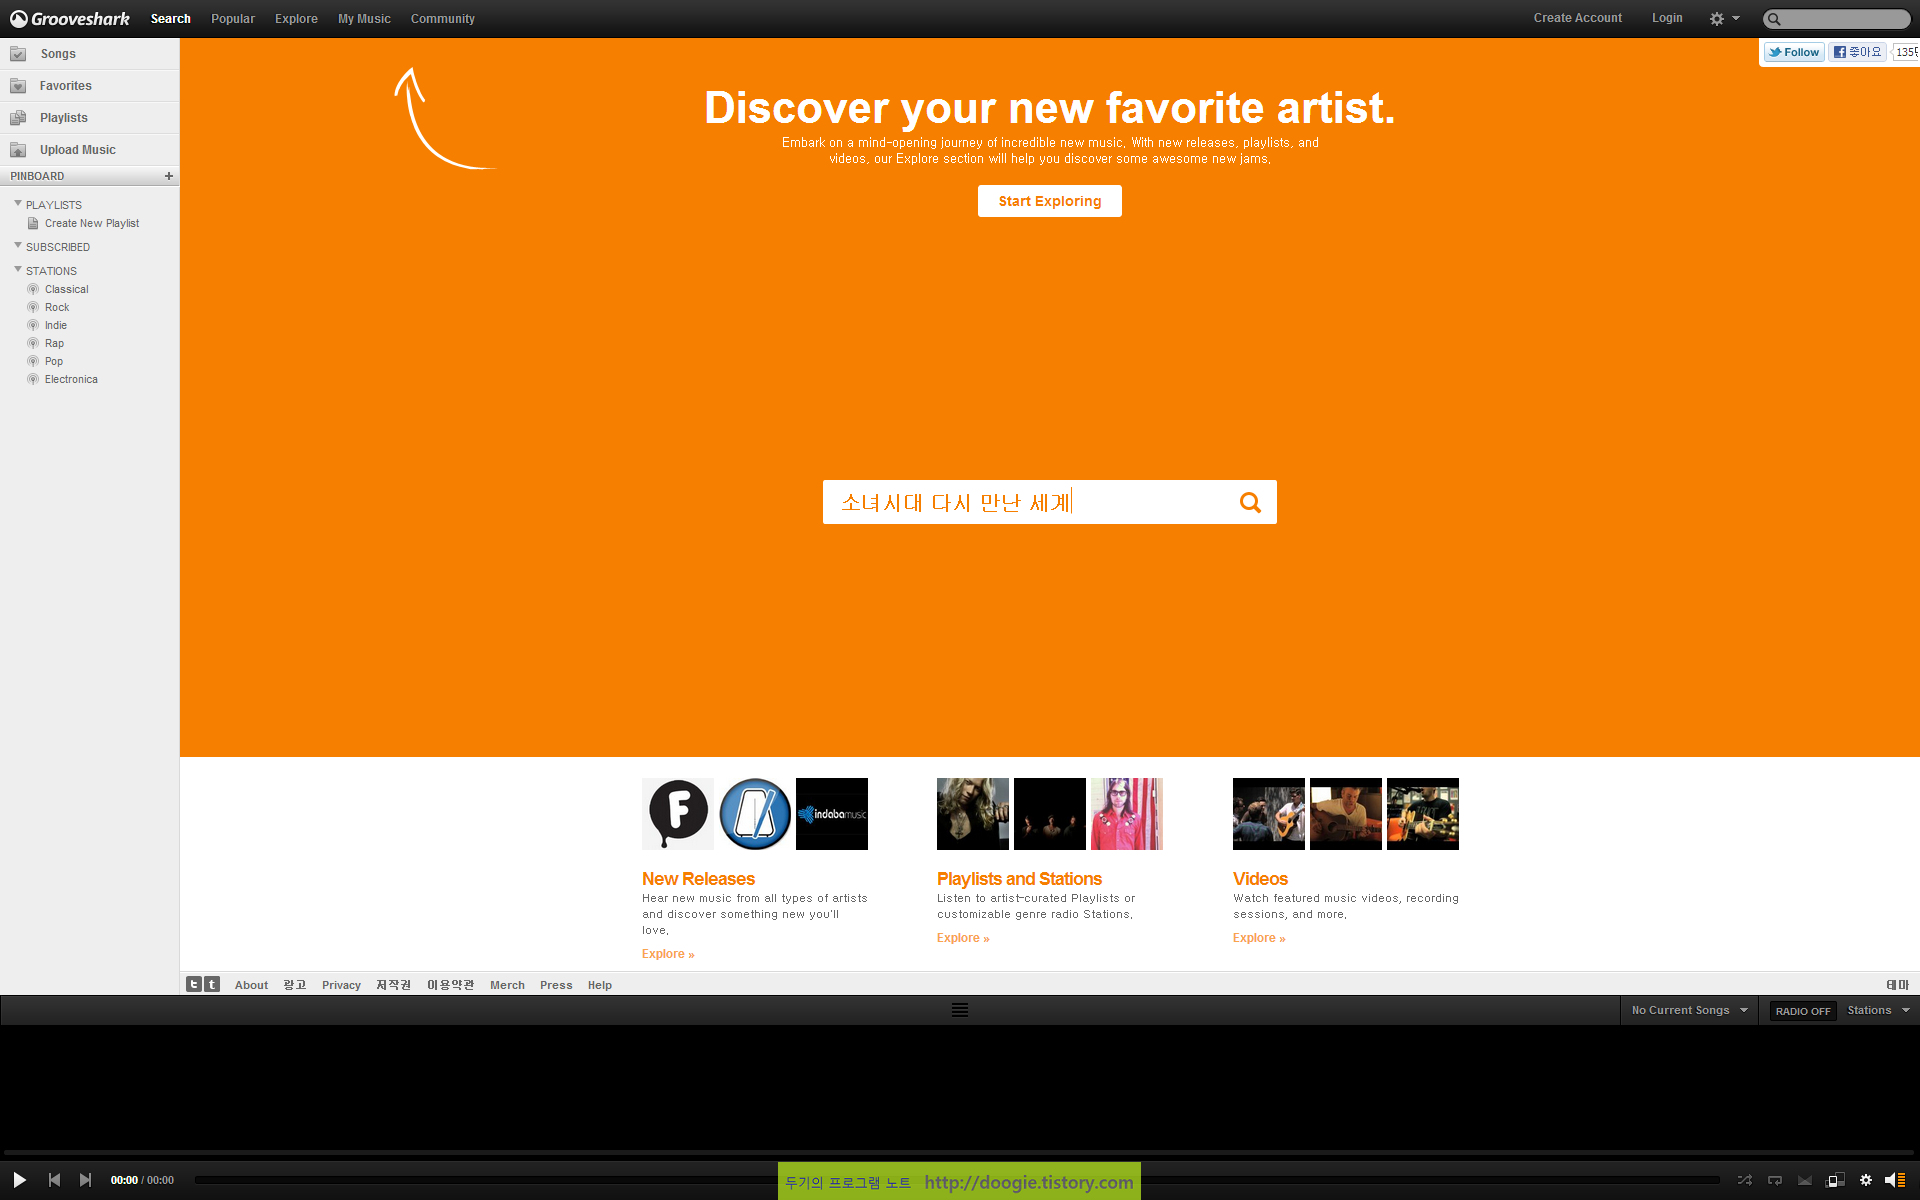 무료 음악 듣기 사이트, 무료 음악 감상 사이트, 음악 스트리밍 사이트, 음원 스트리밍 사이트, 그루브샤크, GrooveShark